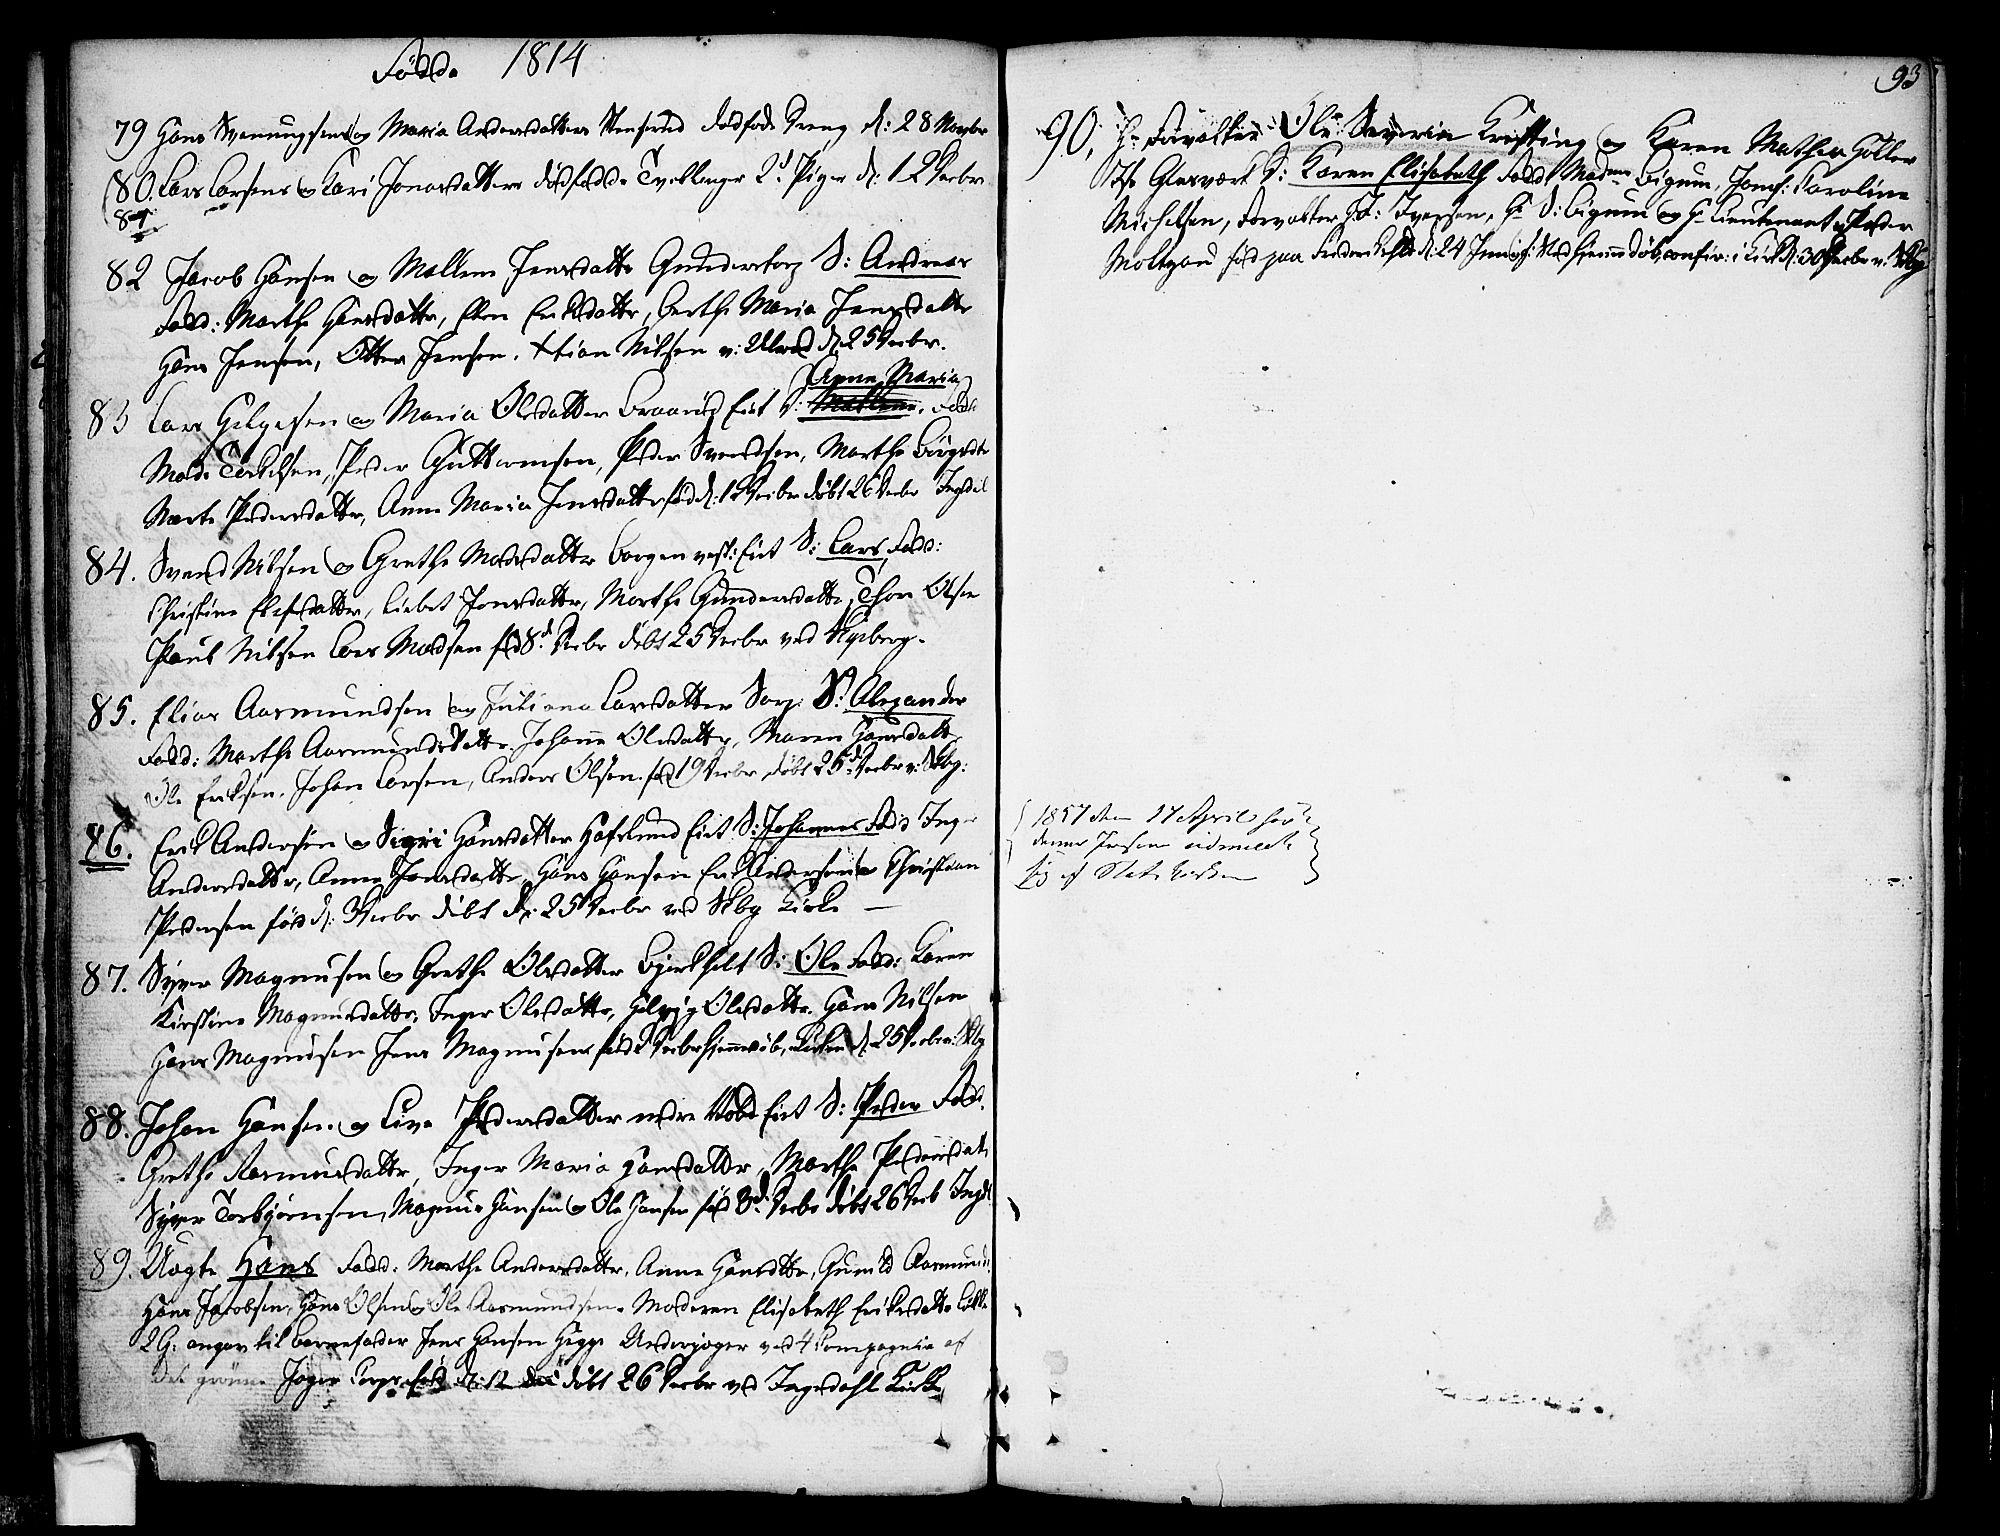 SAO, Skjeberg prestekontor Kirkebøker, F/Fa/L0003: Ministerialbok nr. I 3, 1792-1814, s. 93